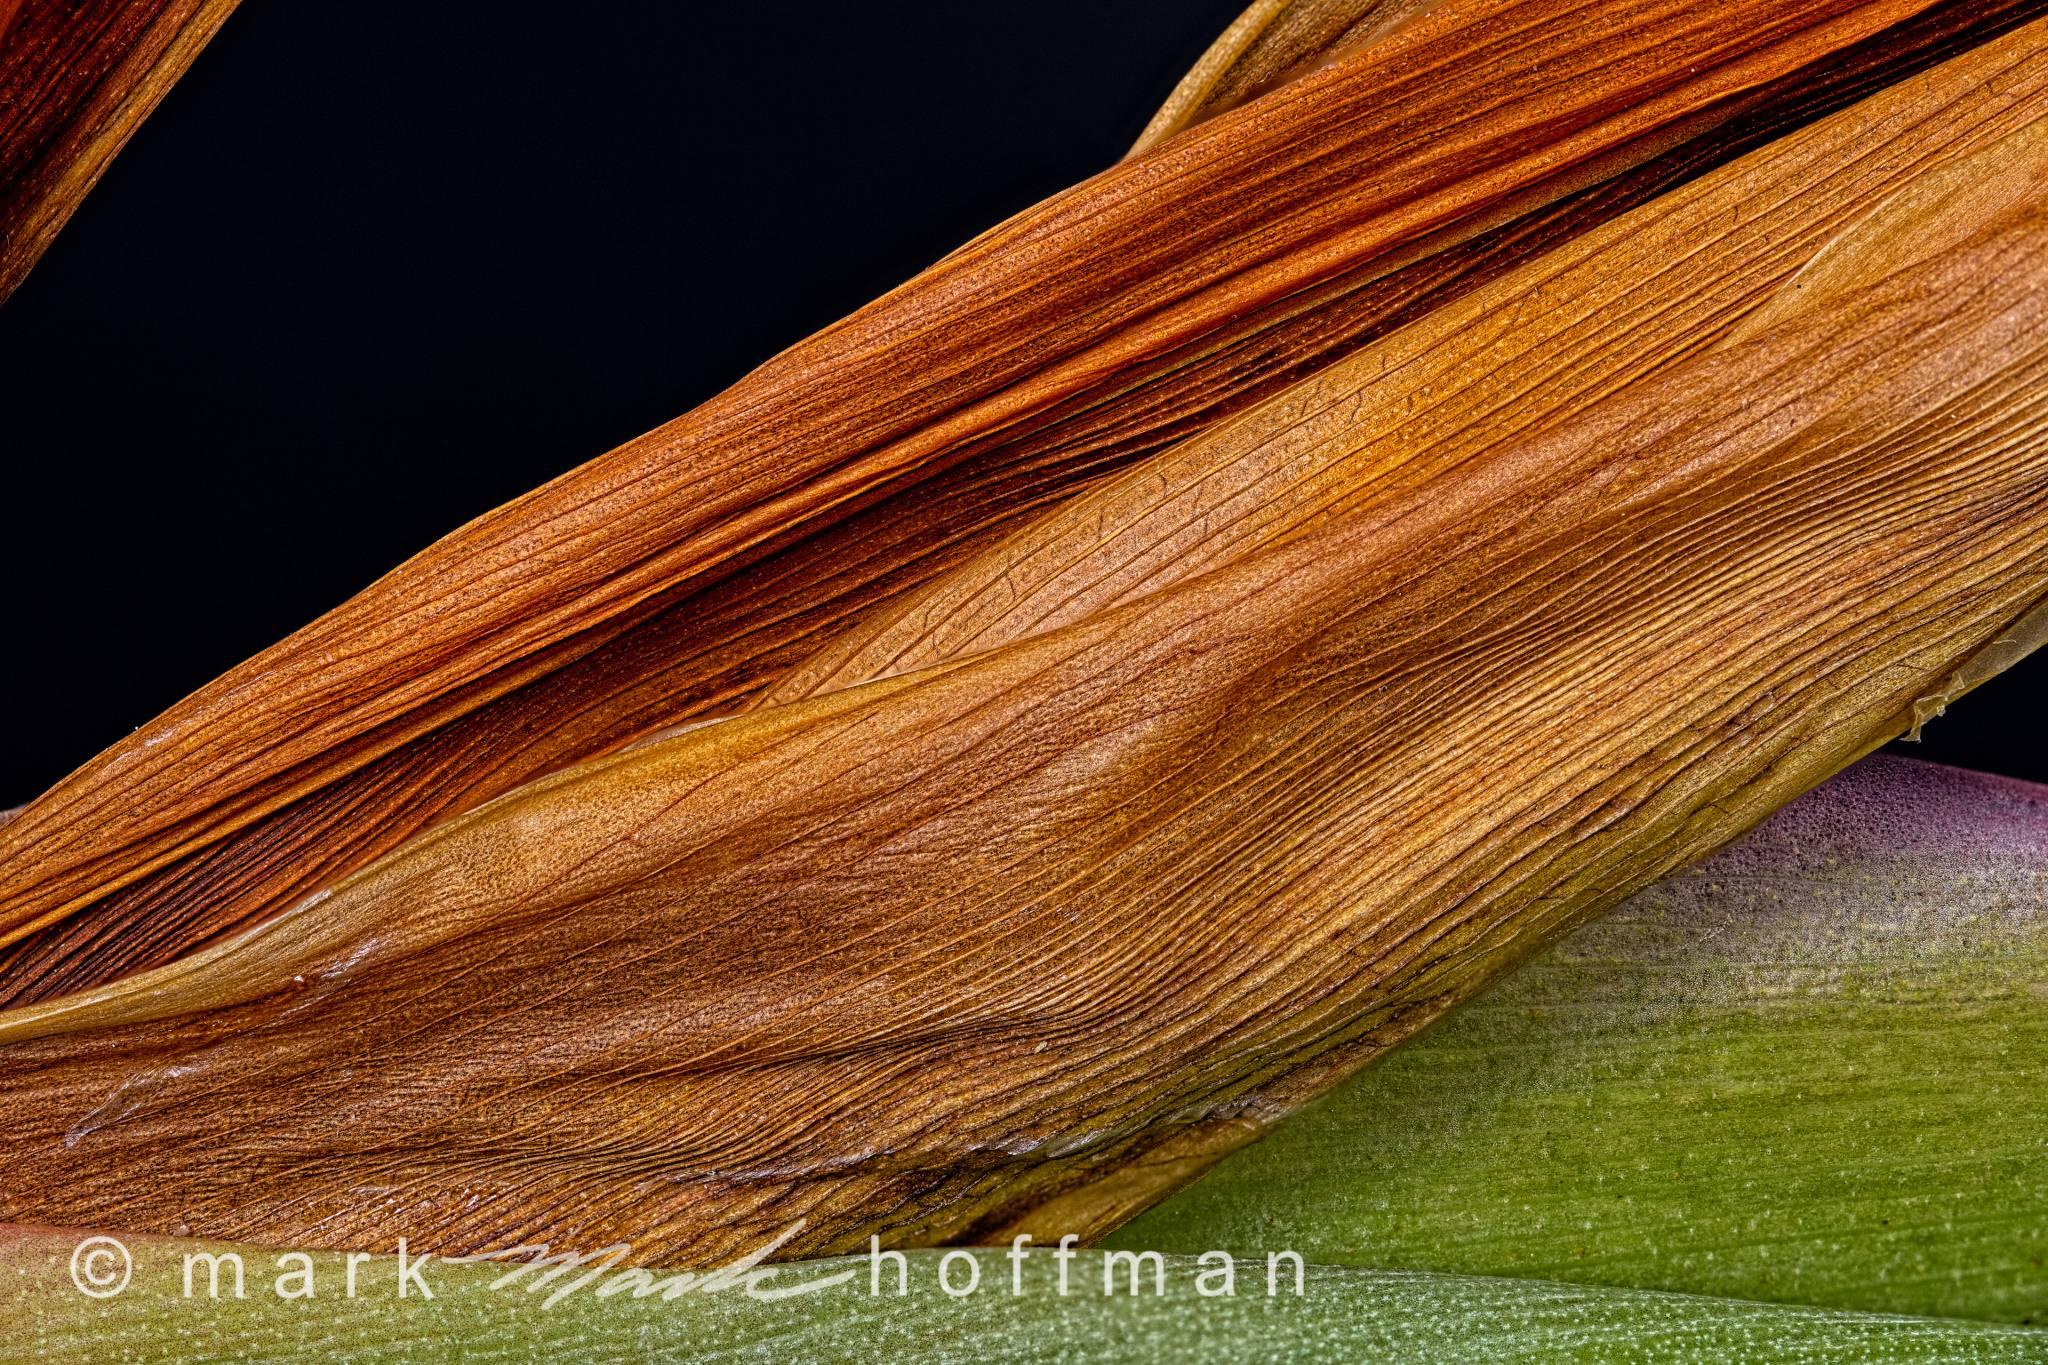 Mark_Hoffman_photophart_20150217_0306to0320_ZSretDM_TPLum_cap1_var1.jpg